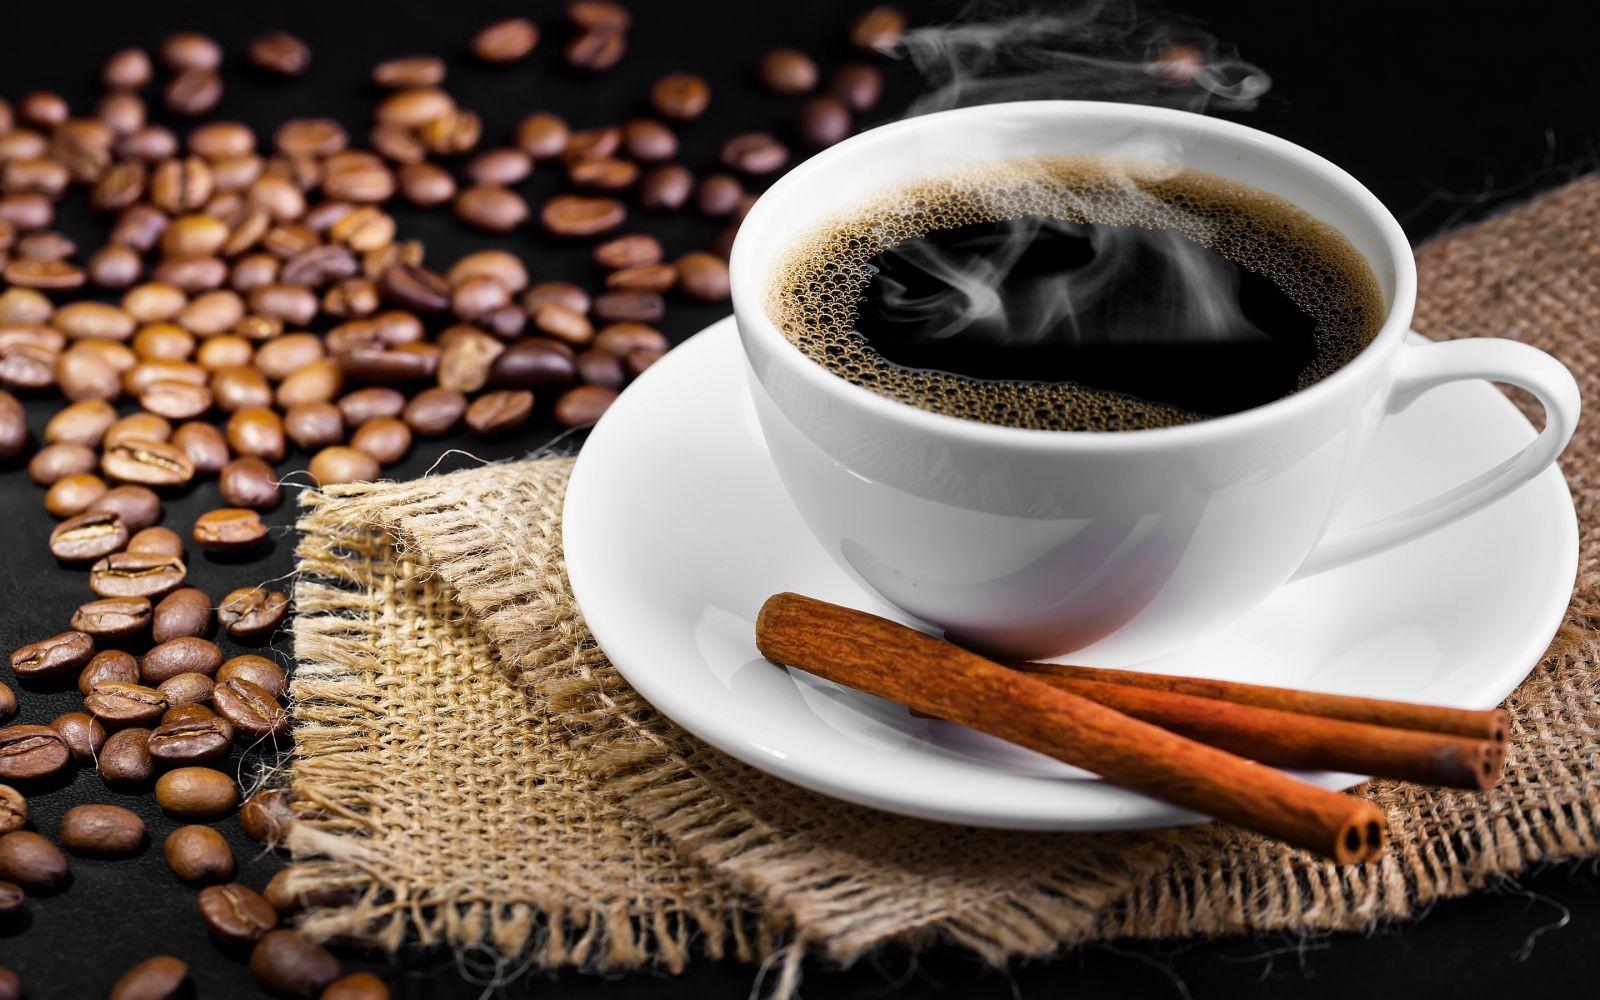 Cà phê, các chất có cồn, thuốc lá